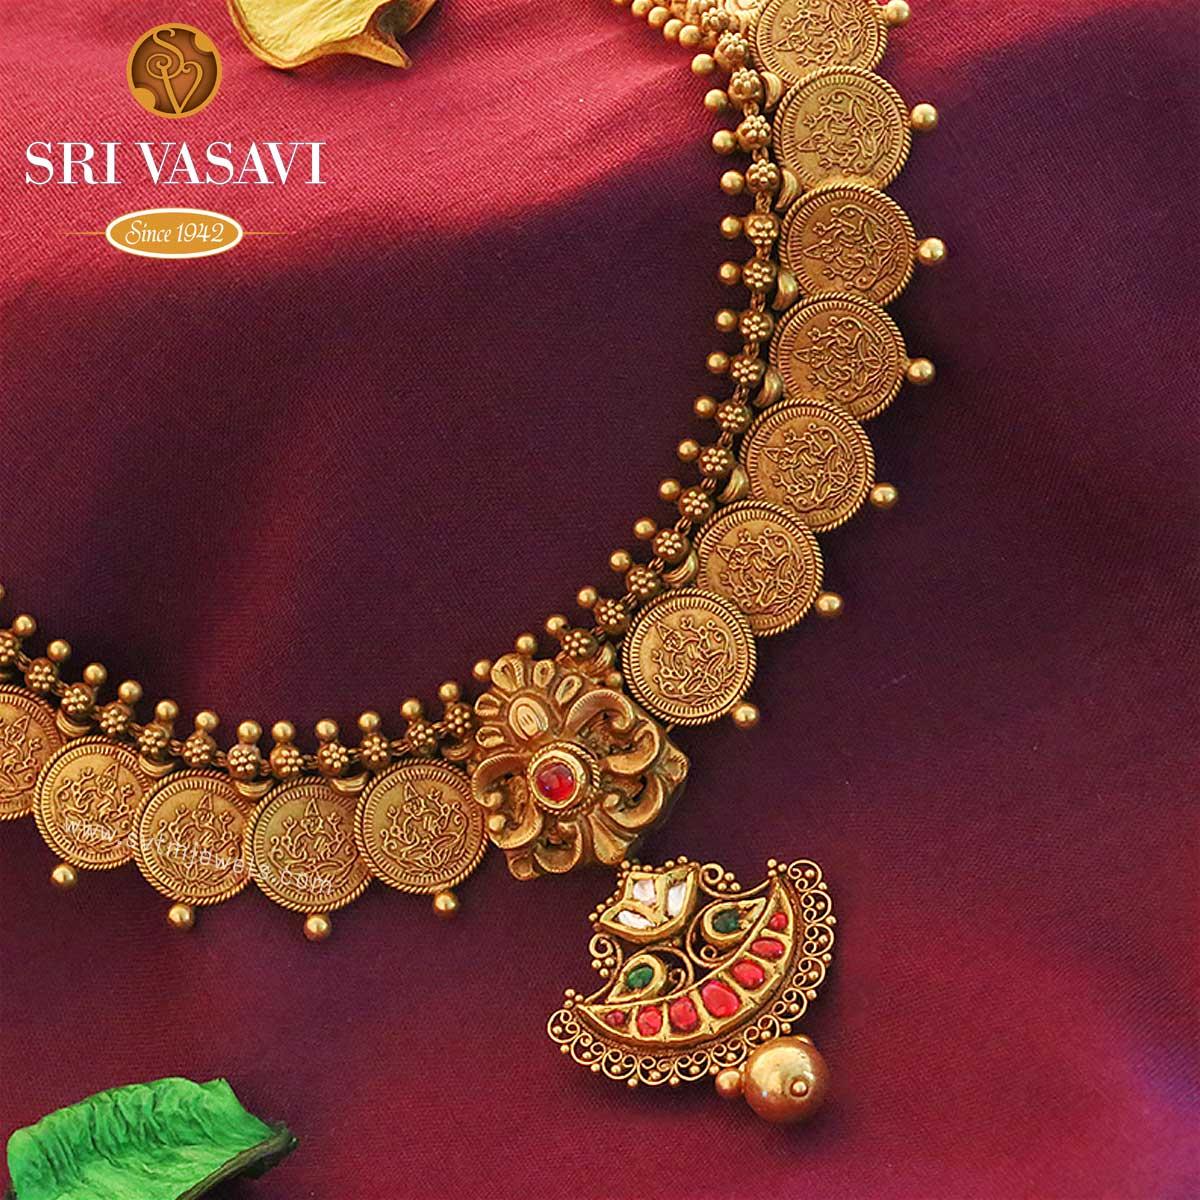 Indian Gold Necklace Online 22k Gold Necklace Set Online 22k